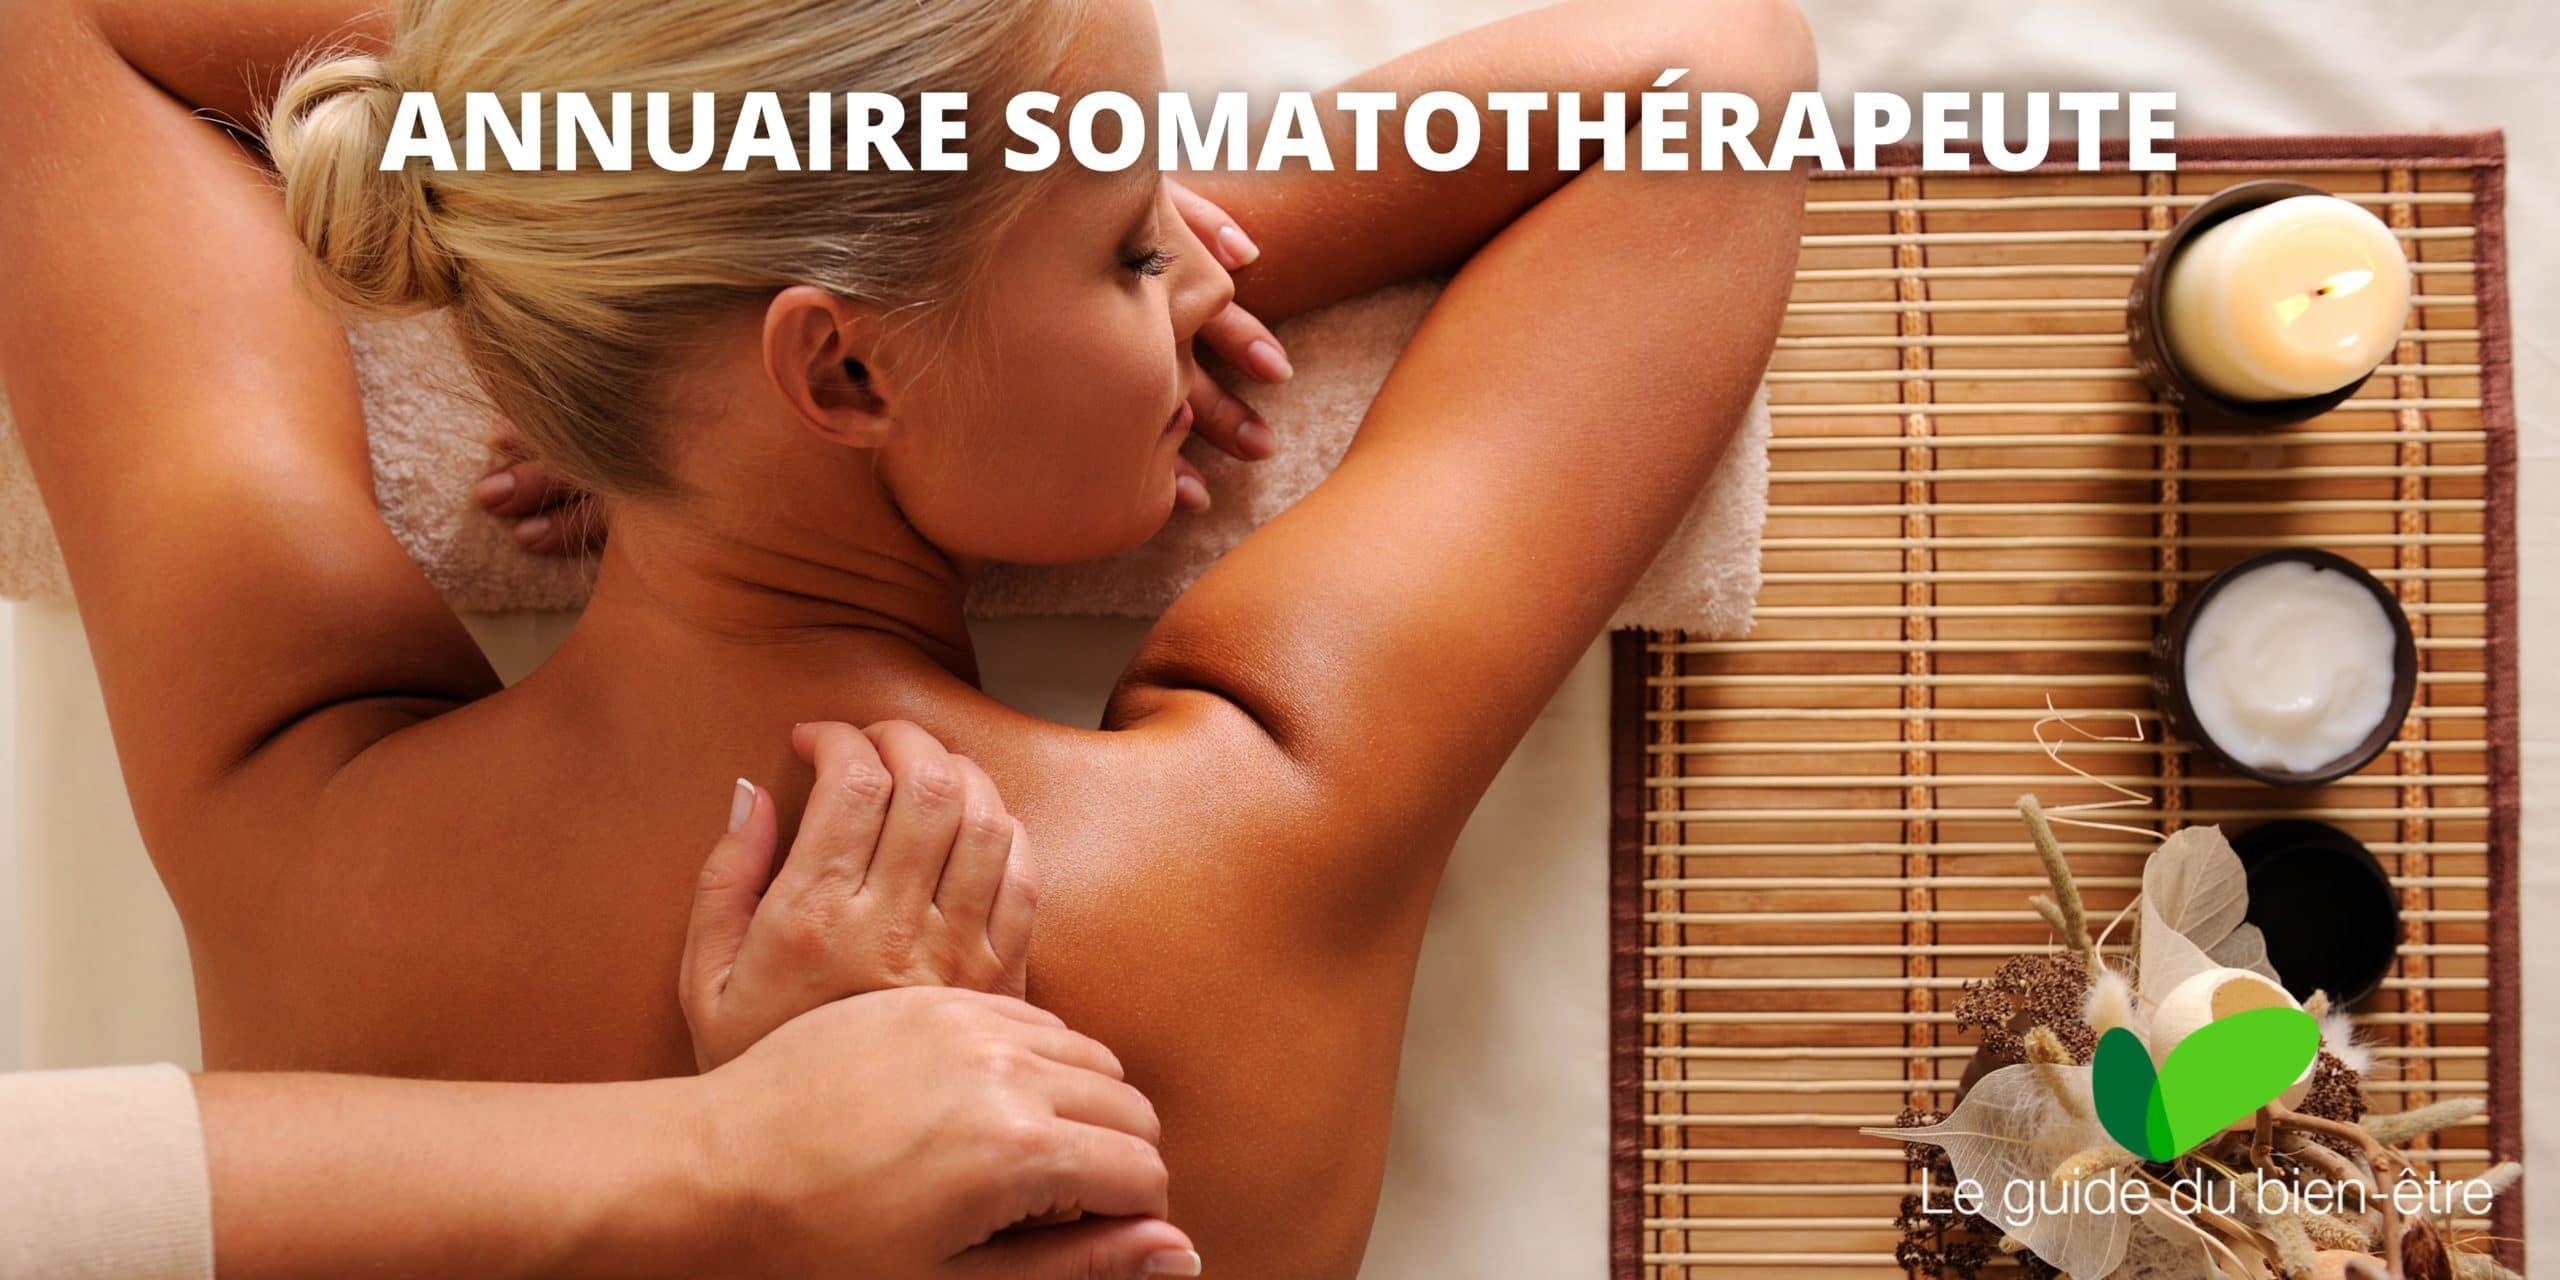 Annuaire somatothérapeute, trouver les somatothérapeutes proches de chez vous